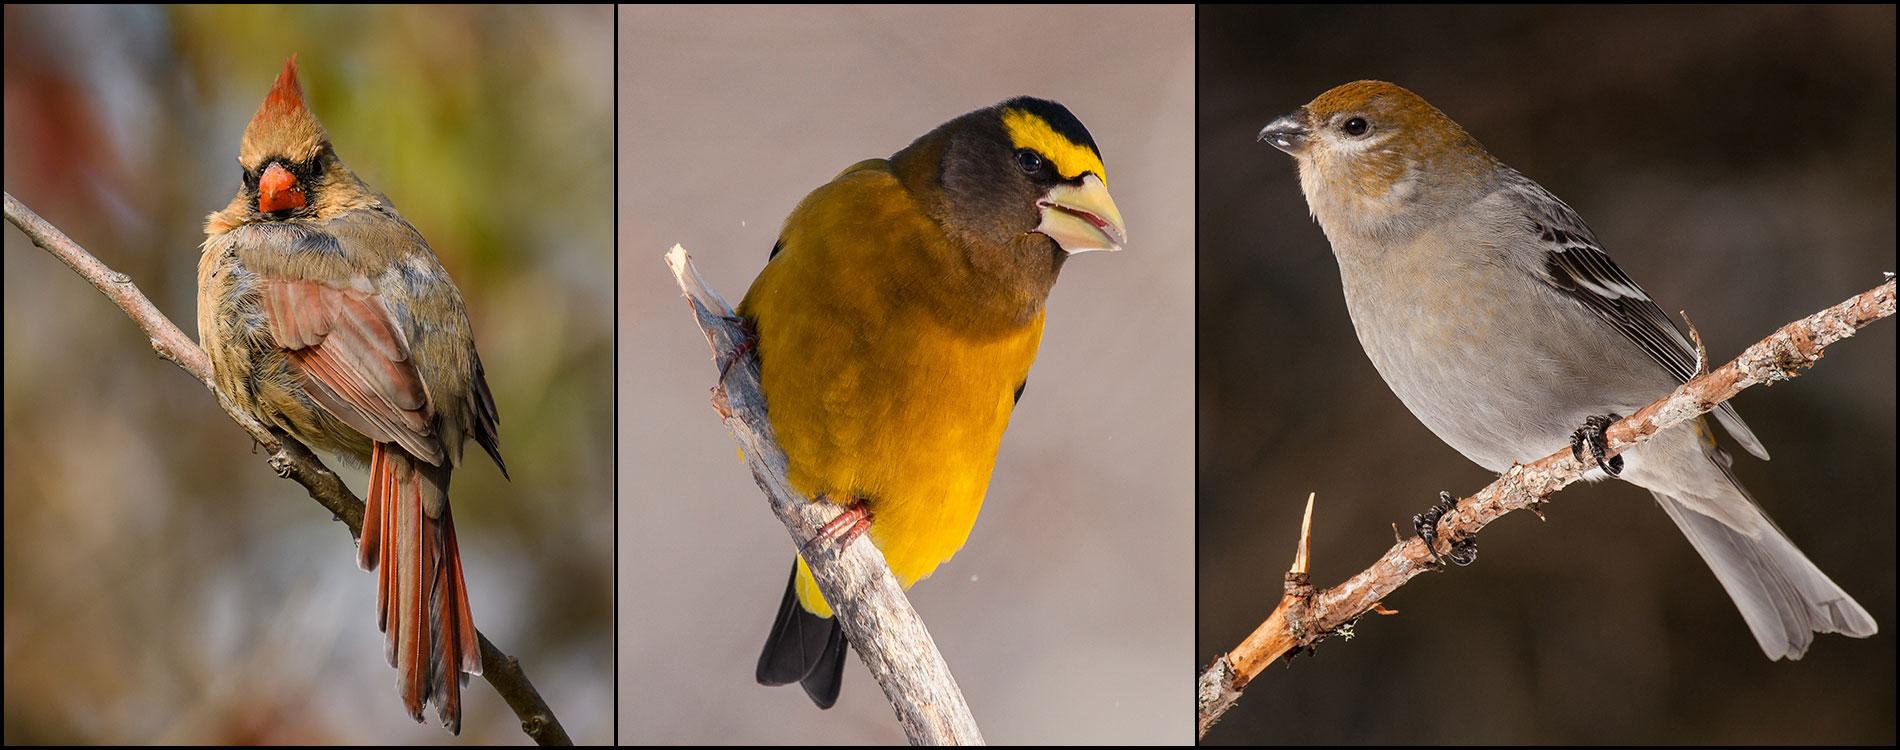 birds_1900x750